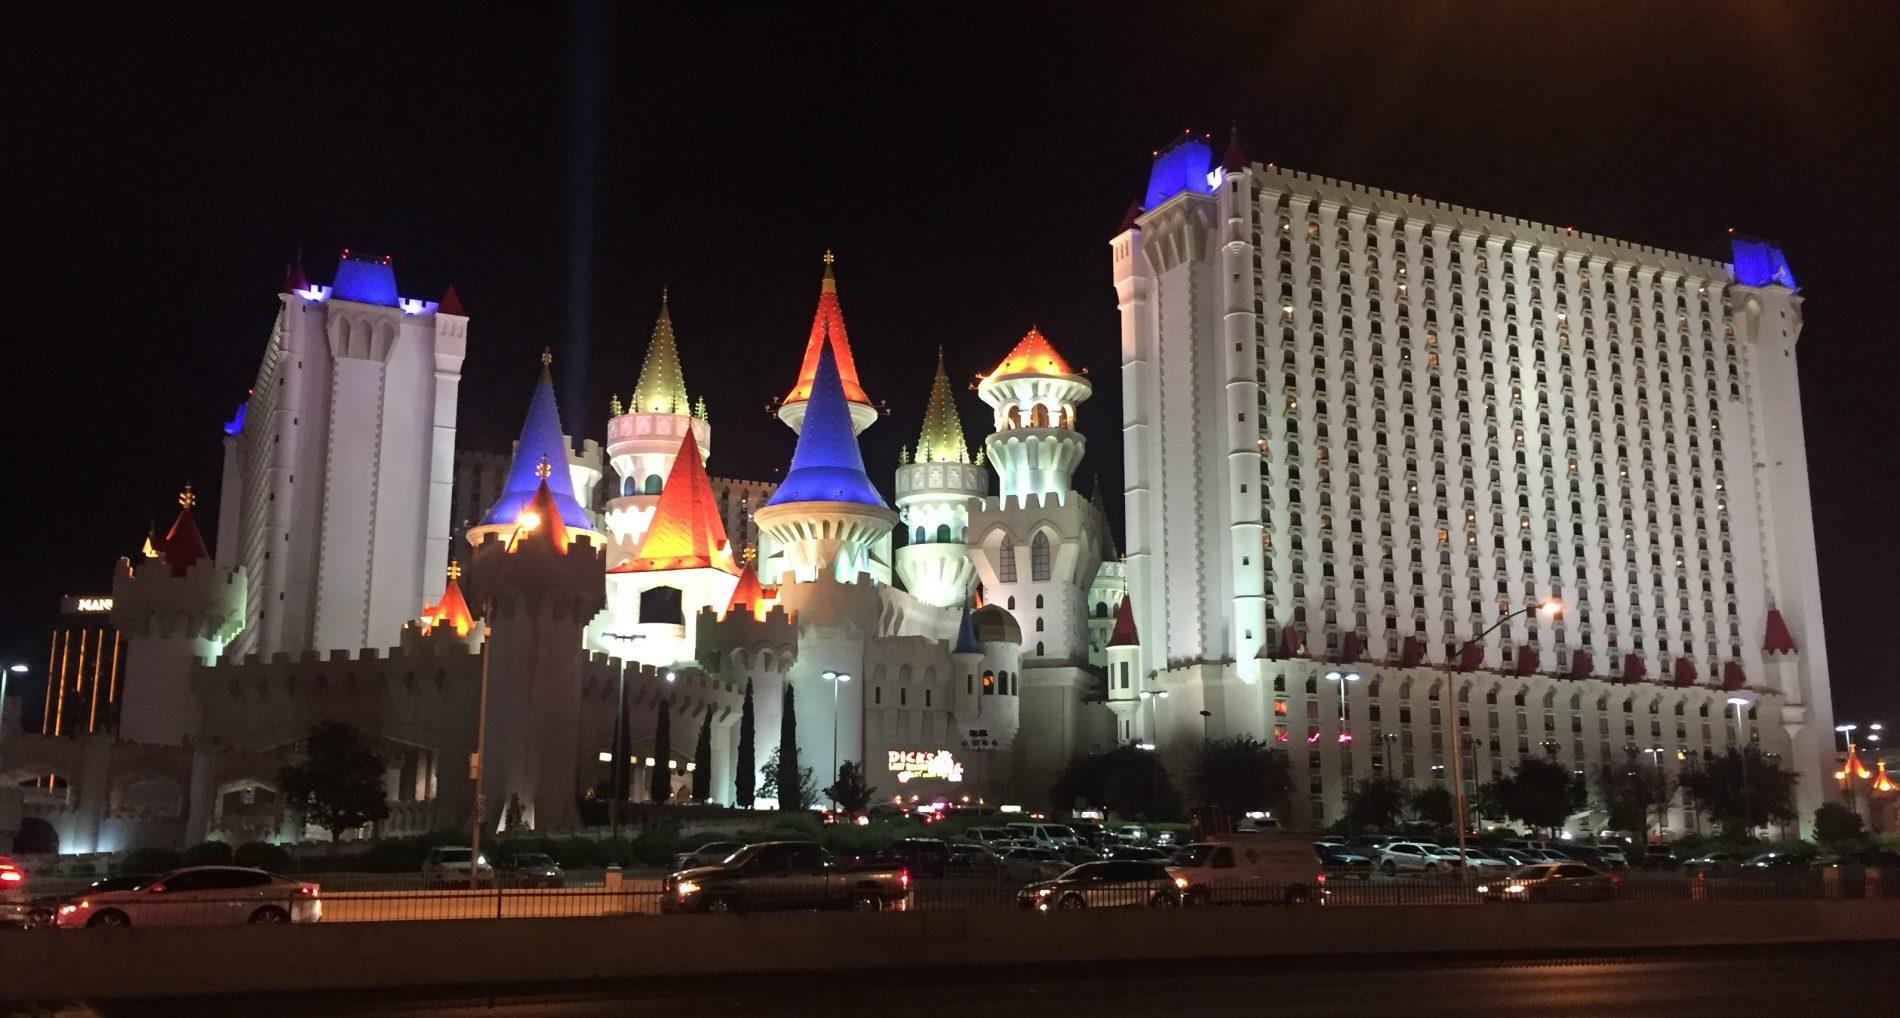 El hotel Excalibur. Consejos para elegir hotel en Las Vegas